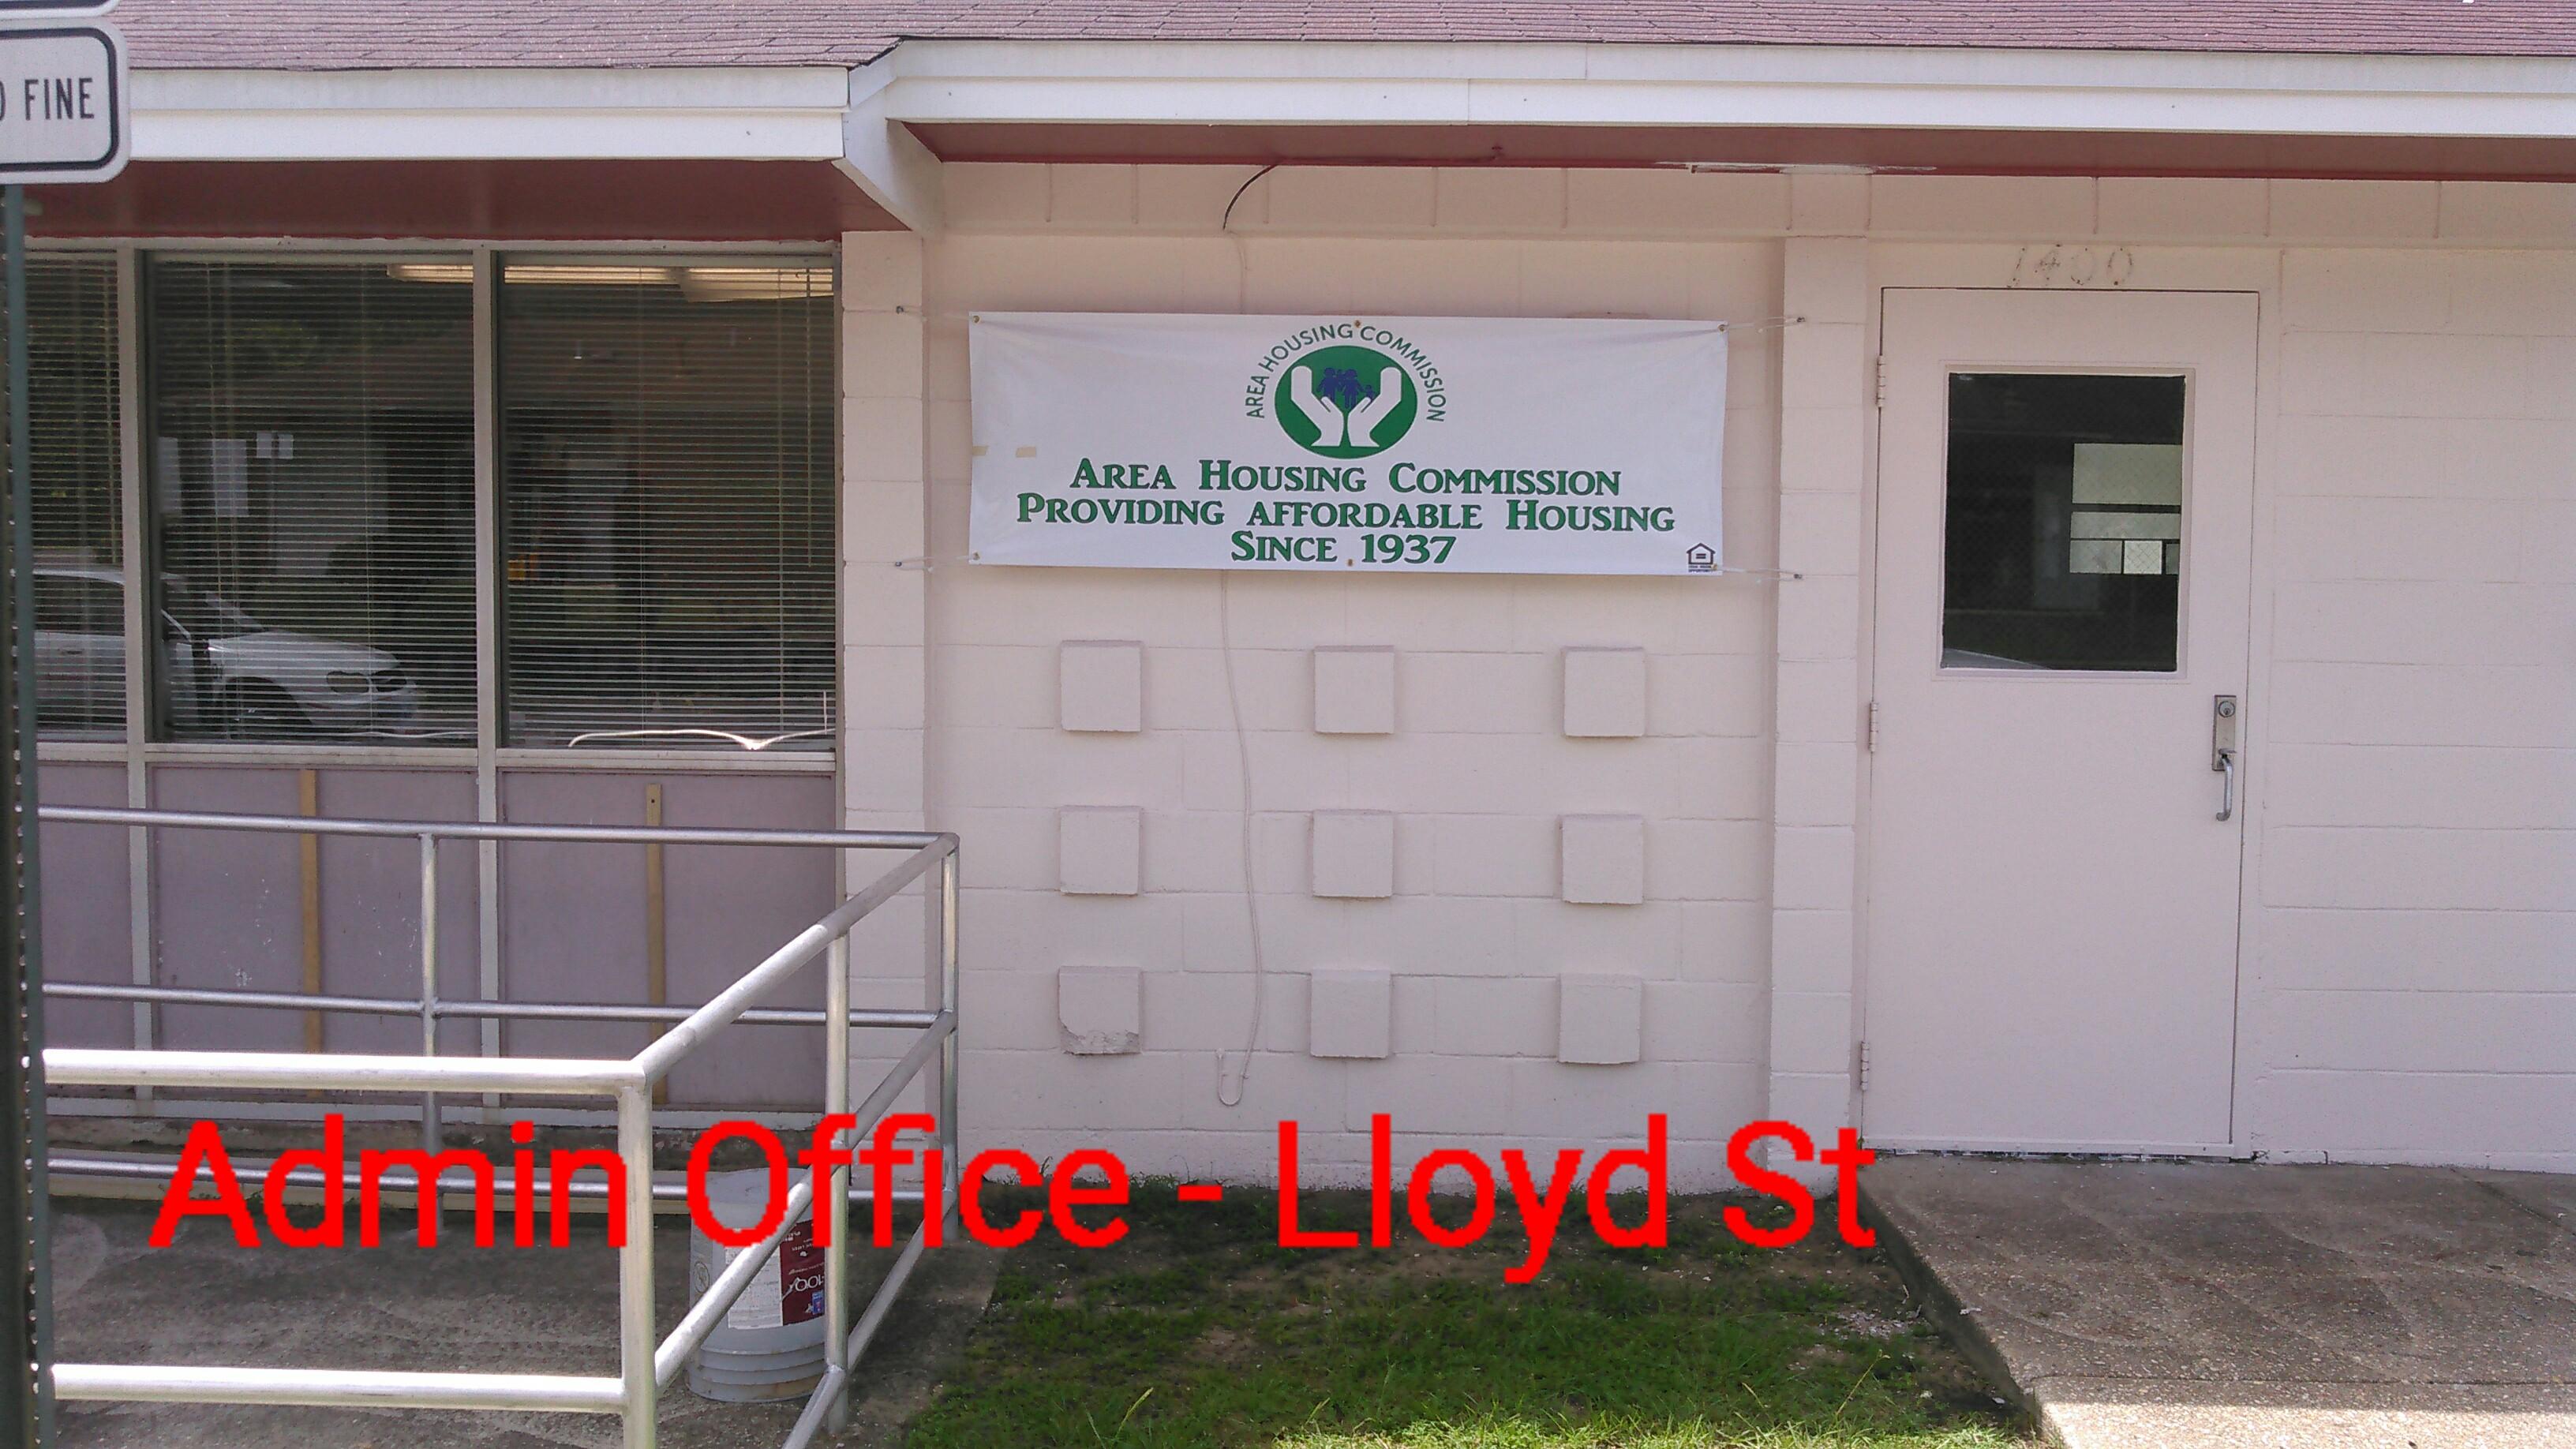 Lloyd St